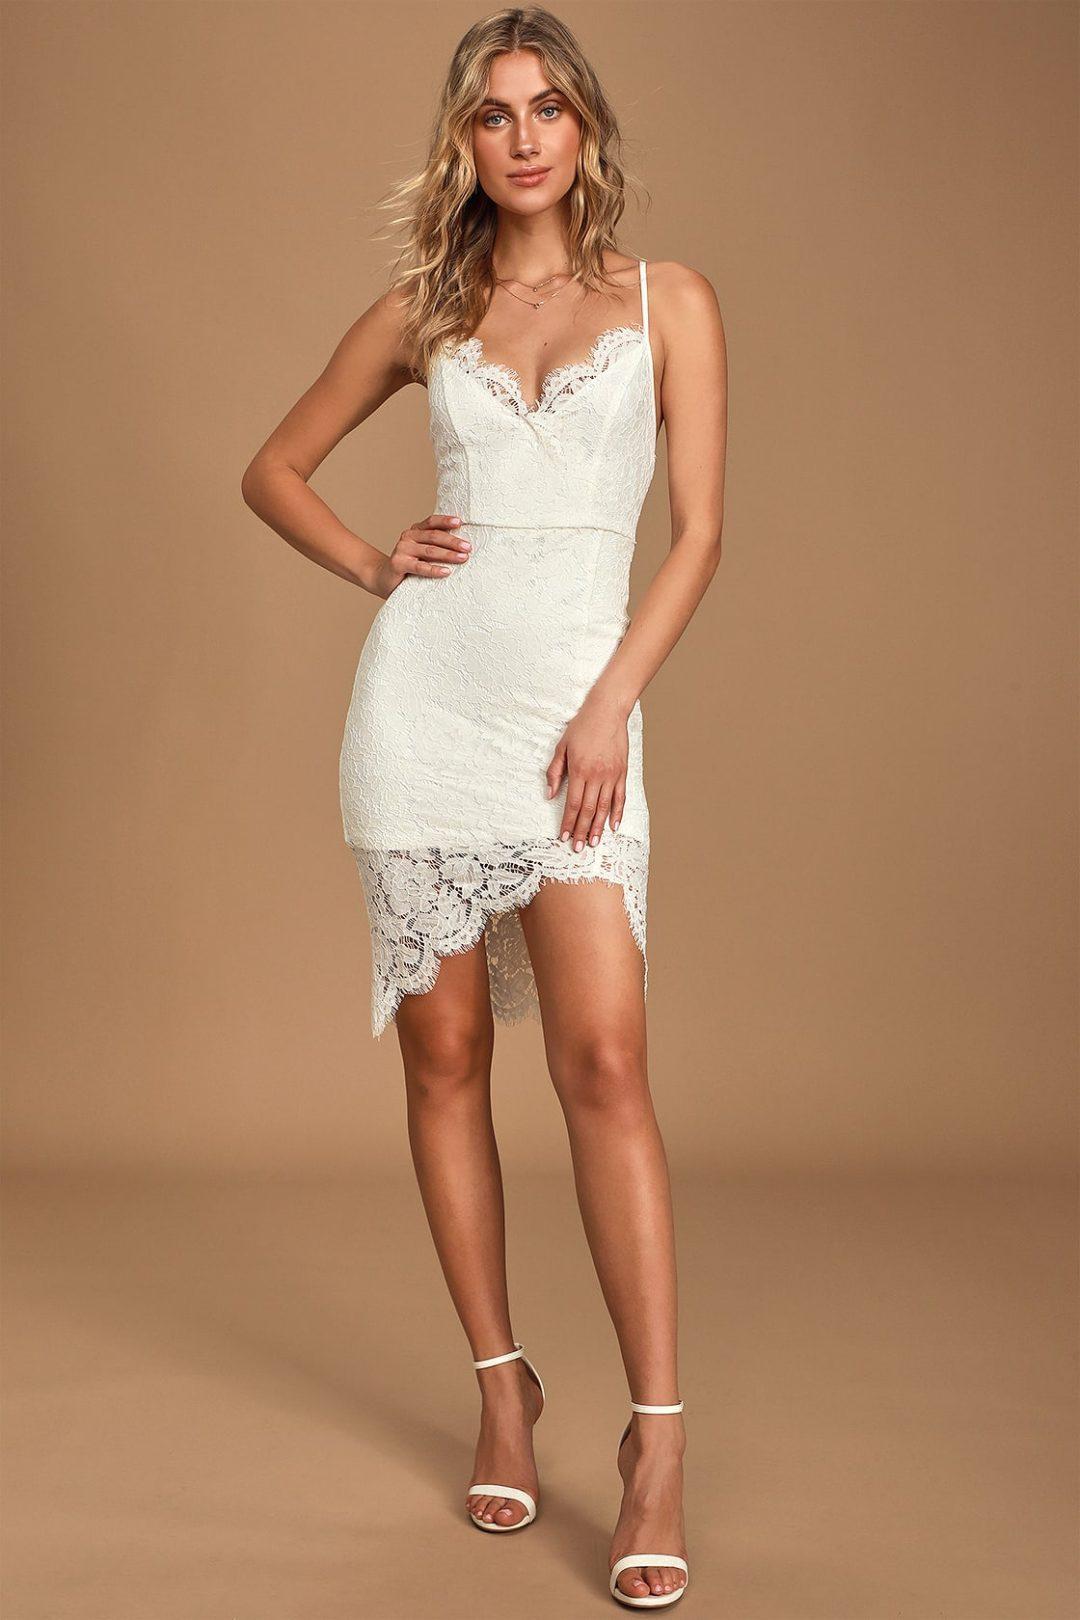 Asymmetrical white lace graduation dress